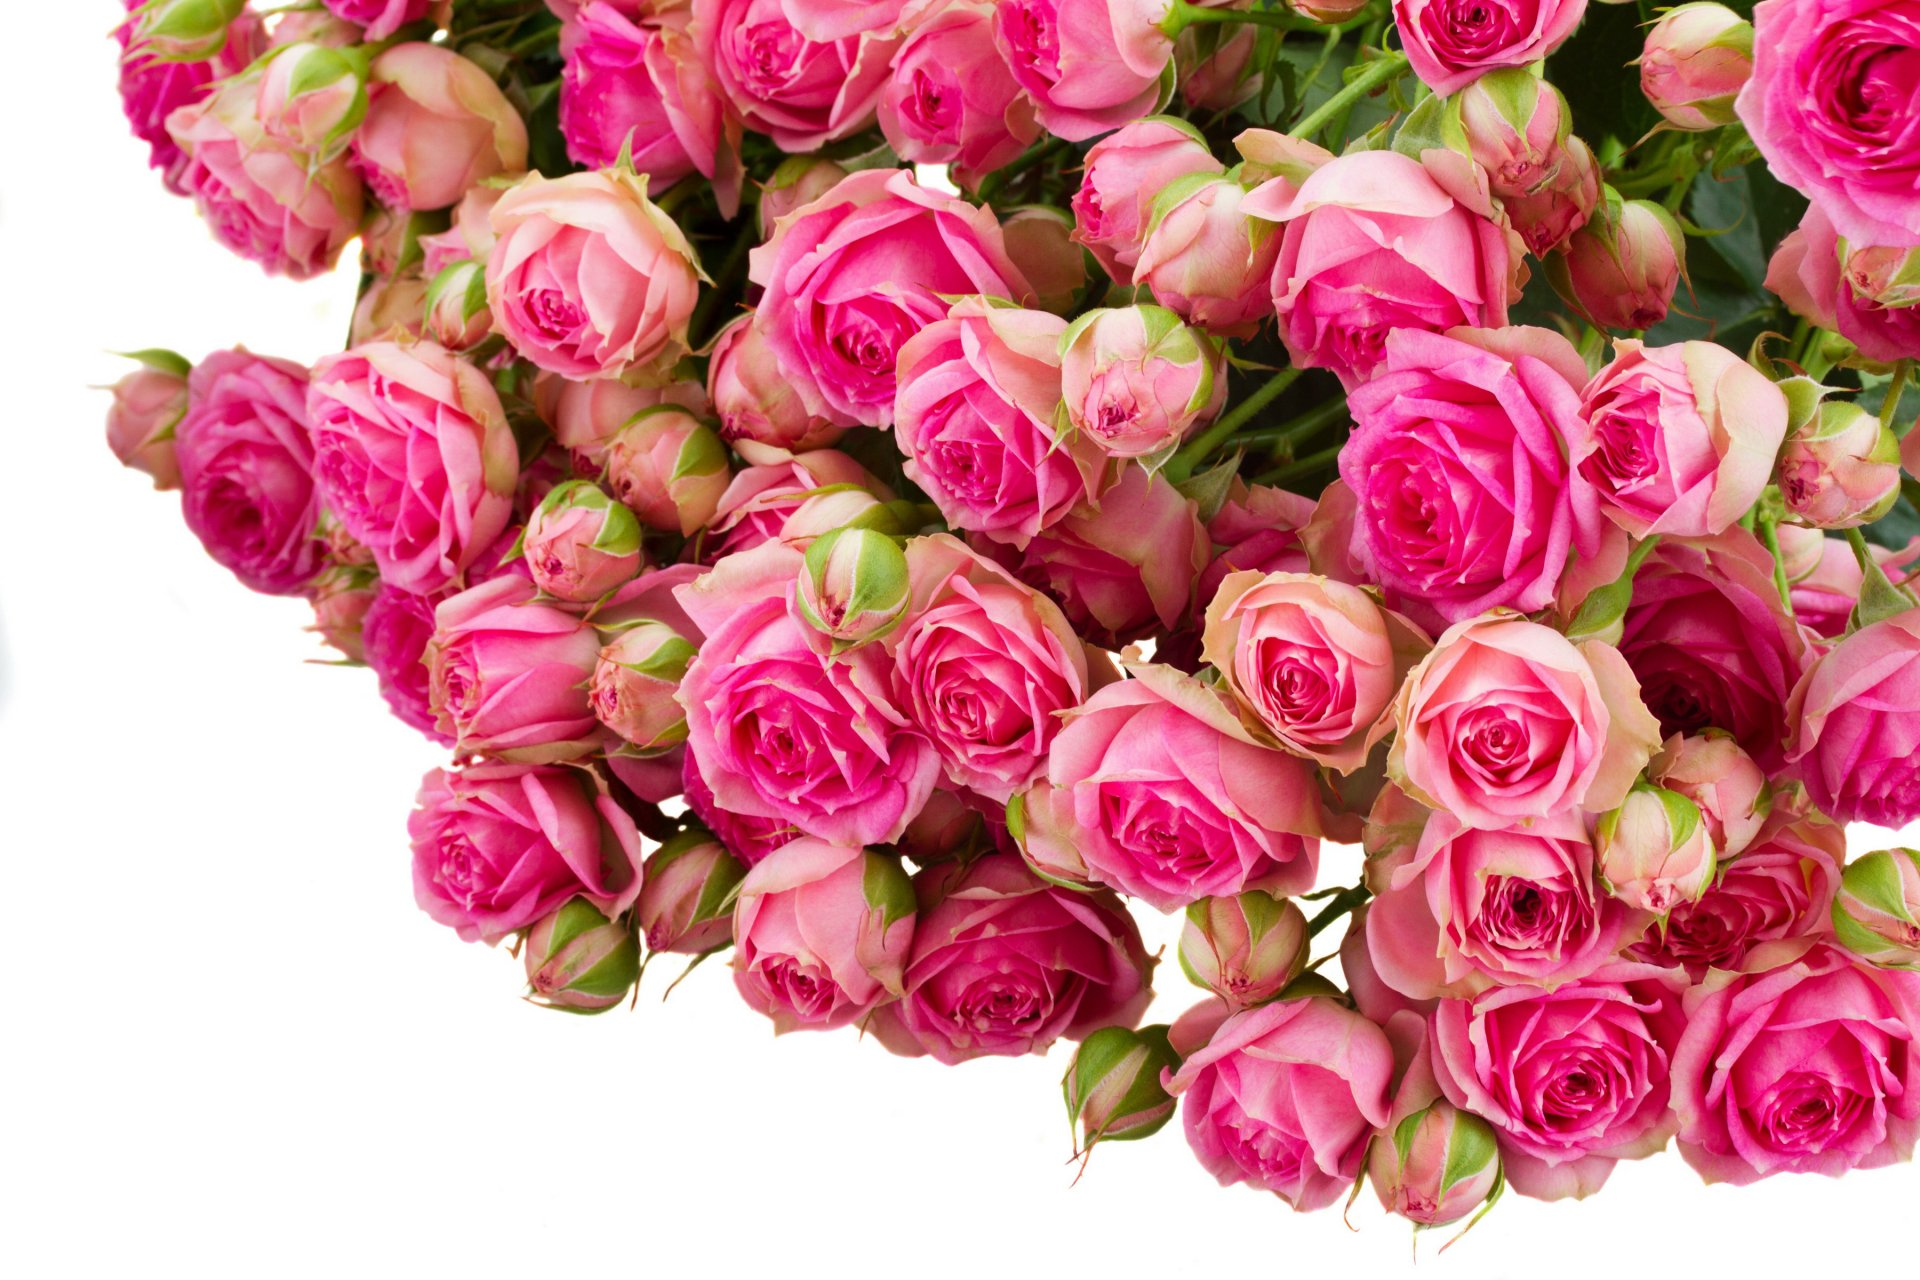 Для хорошего, открытки с днем рождения розы на белом фоне